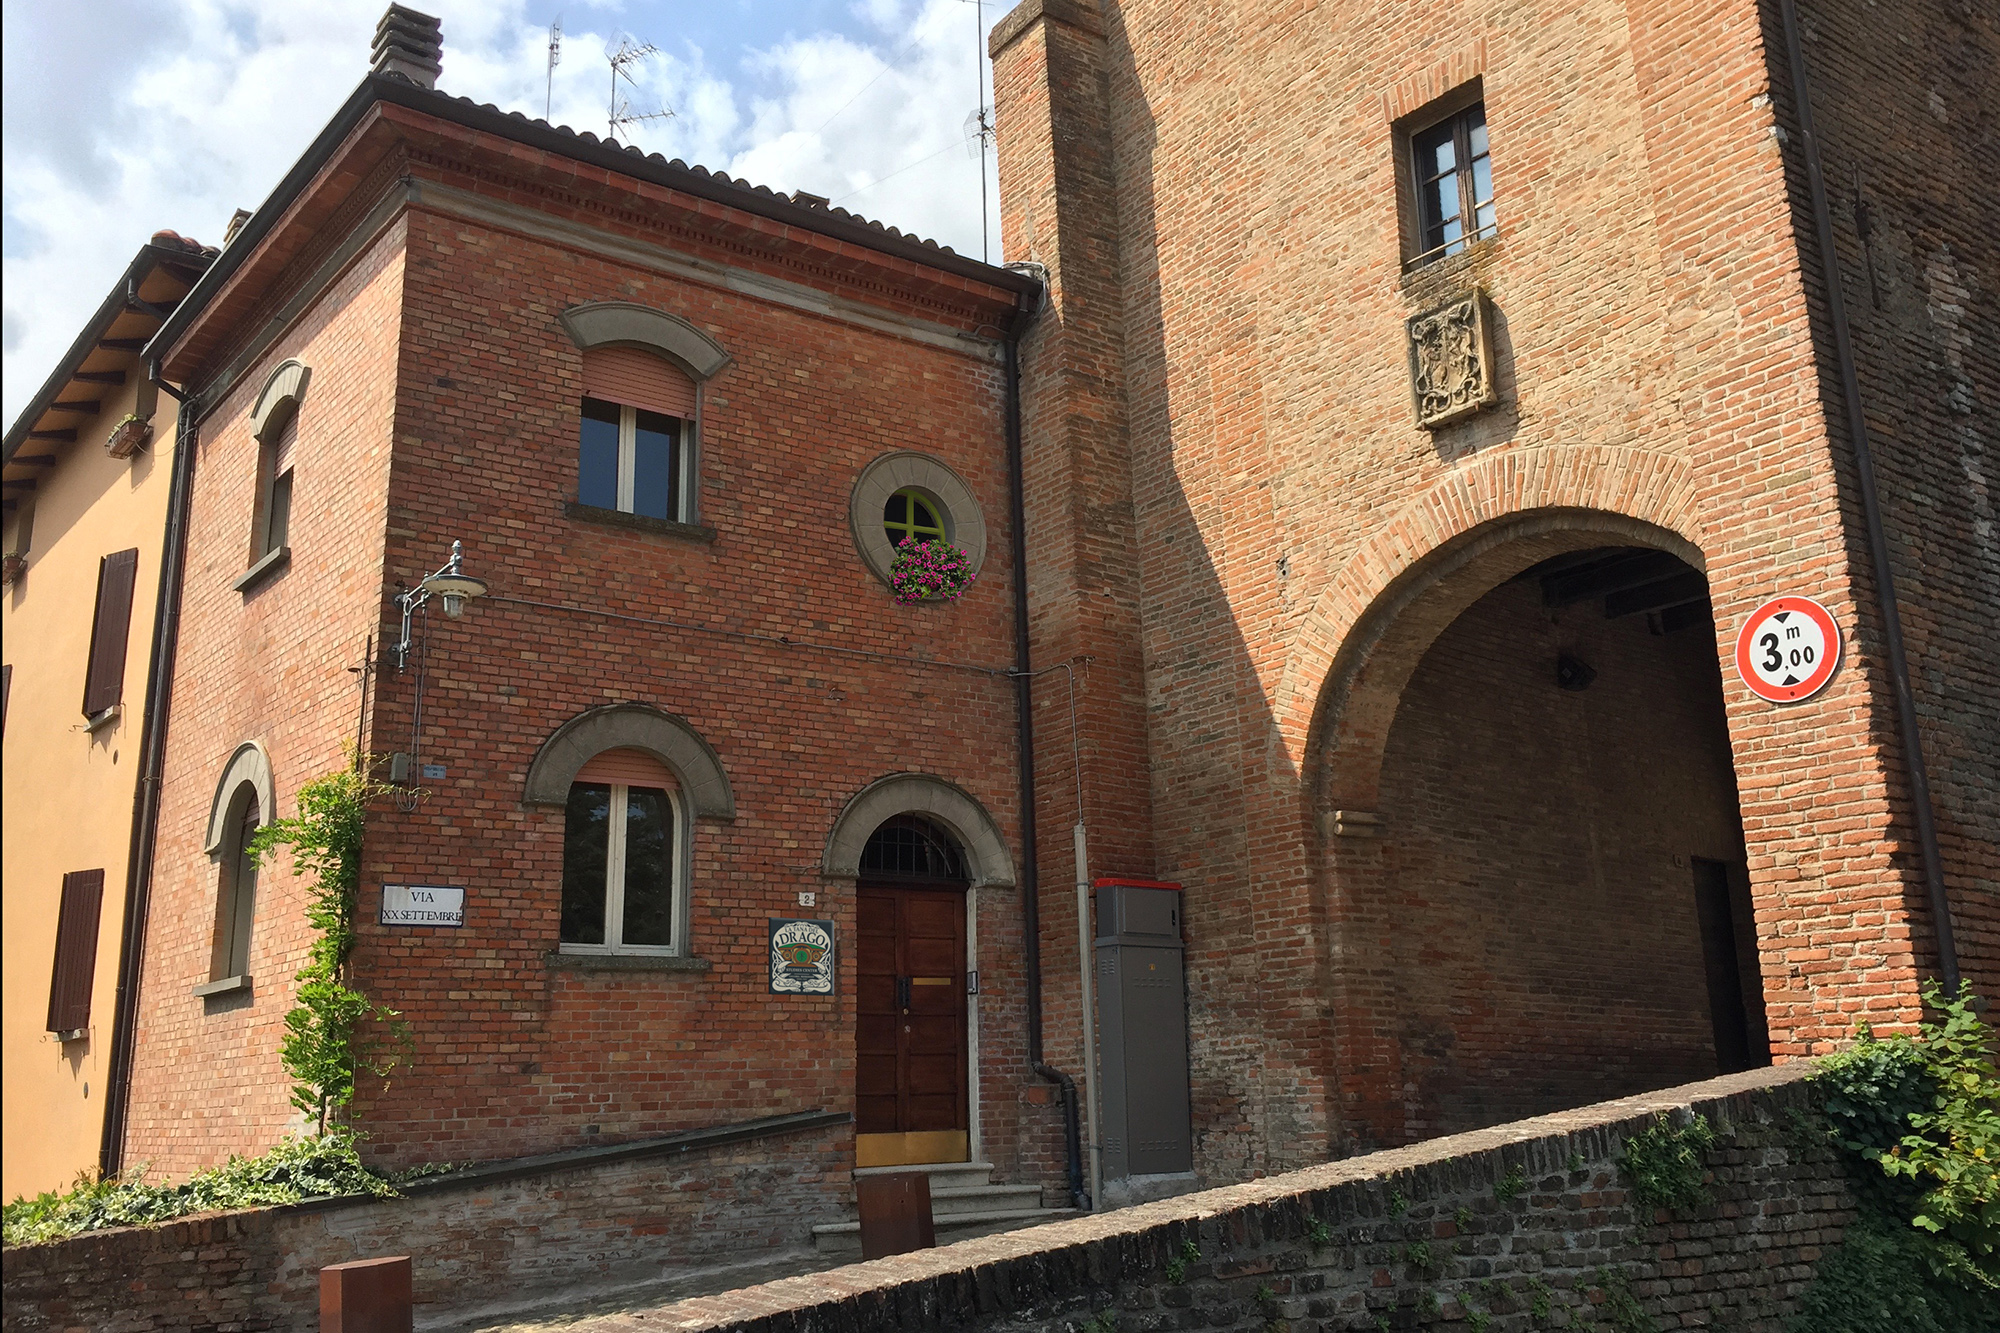 La Tana del Drago: Nasce in Italia il primo Centro Studi su Tolkien e il fantasy